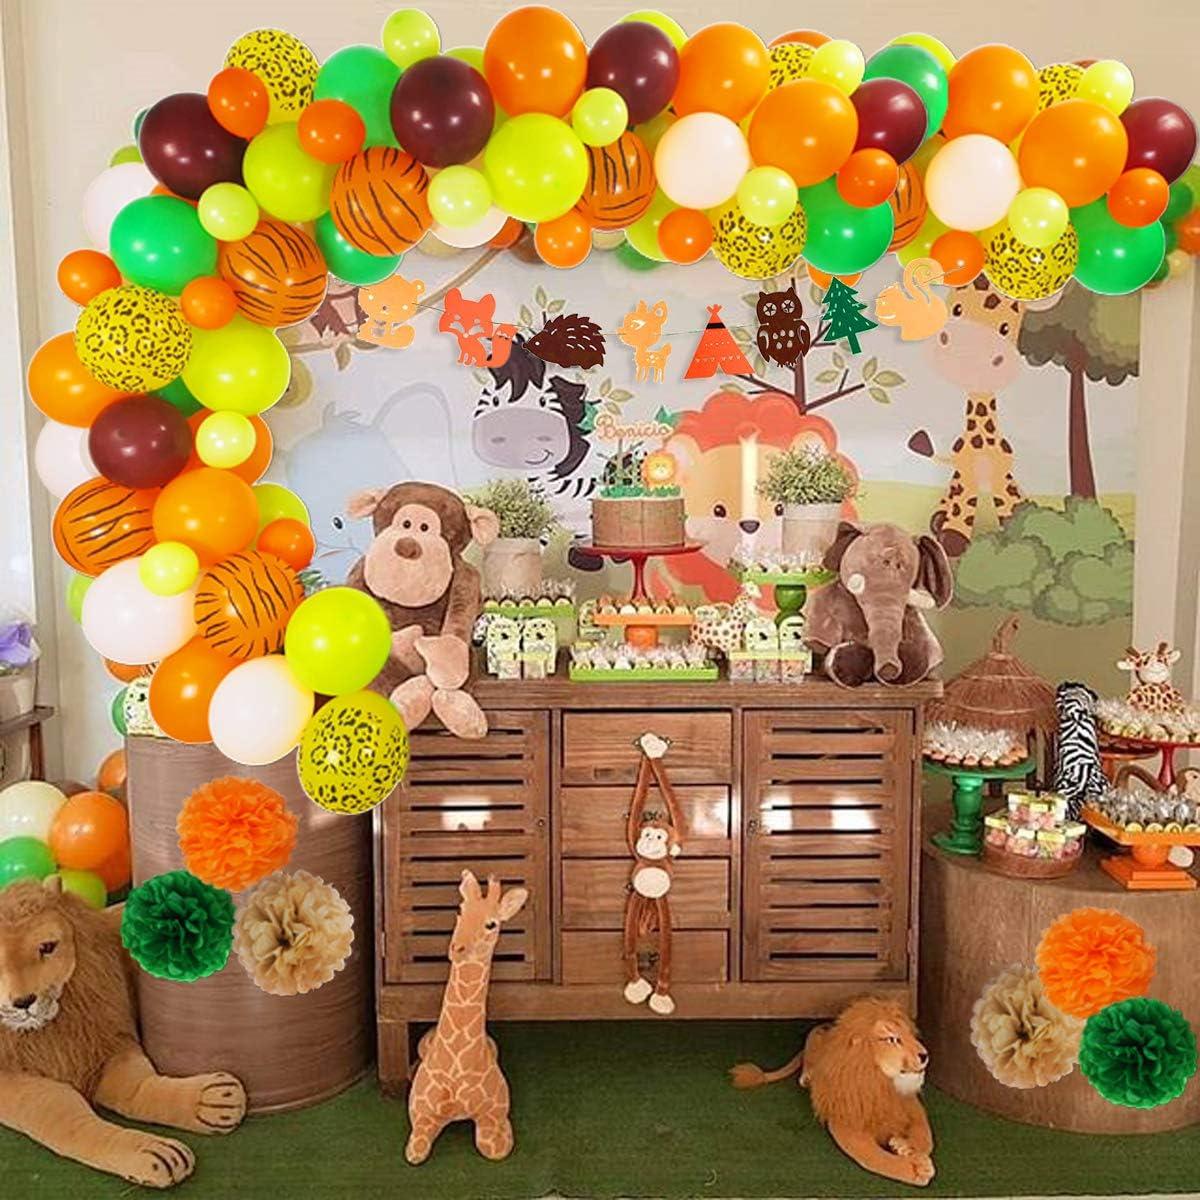 20 amarillo y naranja Globos Fiesta de Cumpleaños de Niños Selva Animal León Pascua